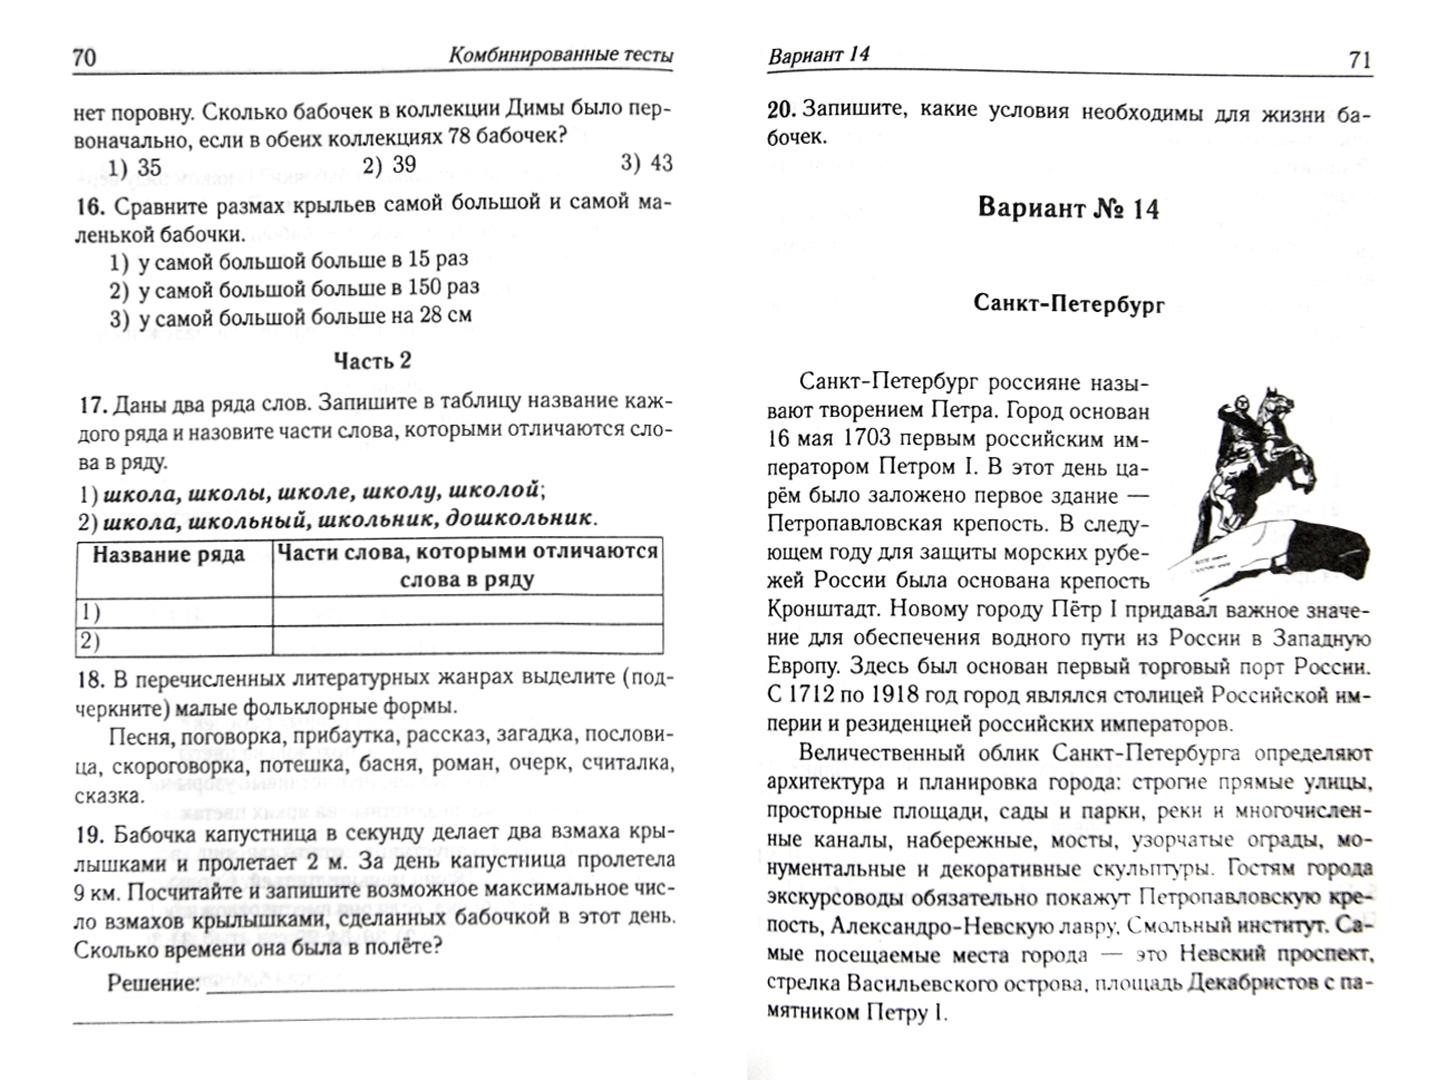 Иллюстрация 1 из 4 для Комбинированные тесты. 4-5 класс. Русский язык, литературное чтение и развитие речи, математика - Иванова, Суслов   Лабиринт - книги. Источник: Лабиринт